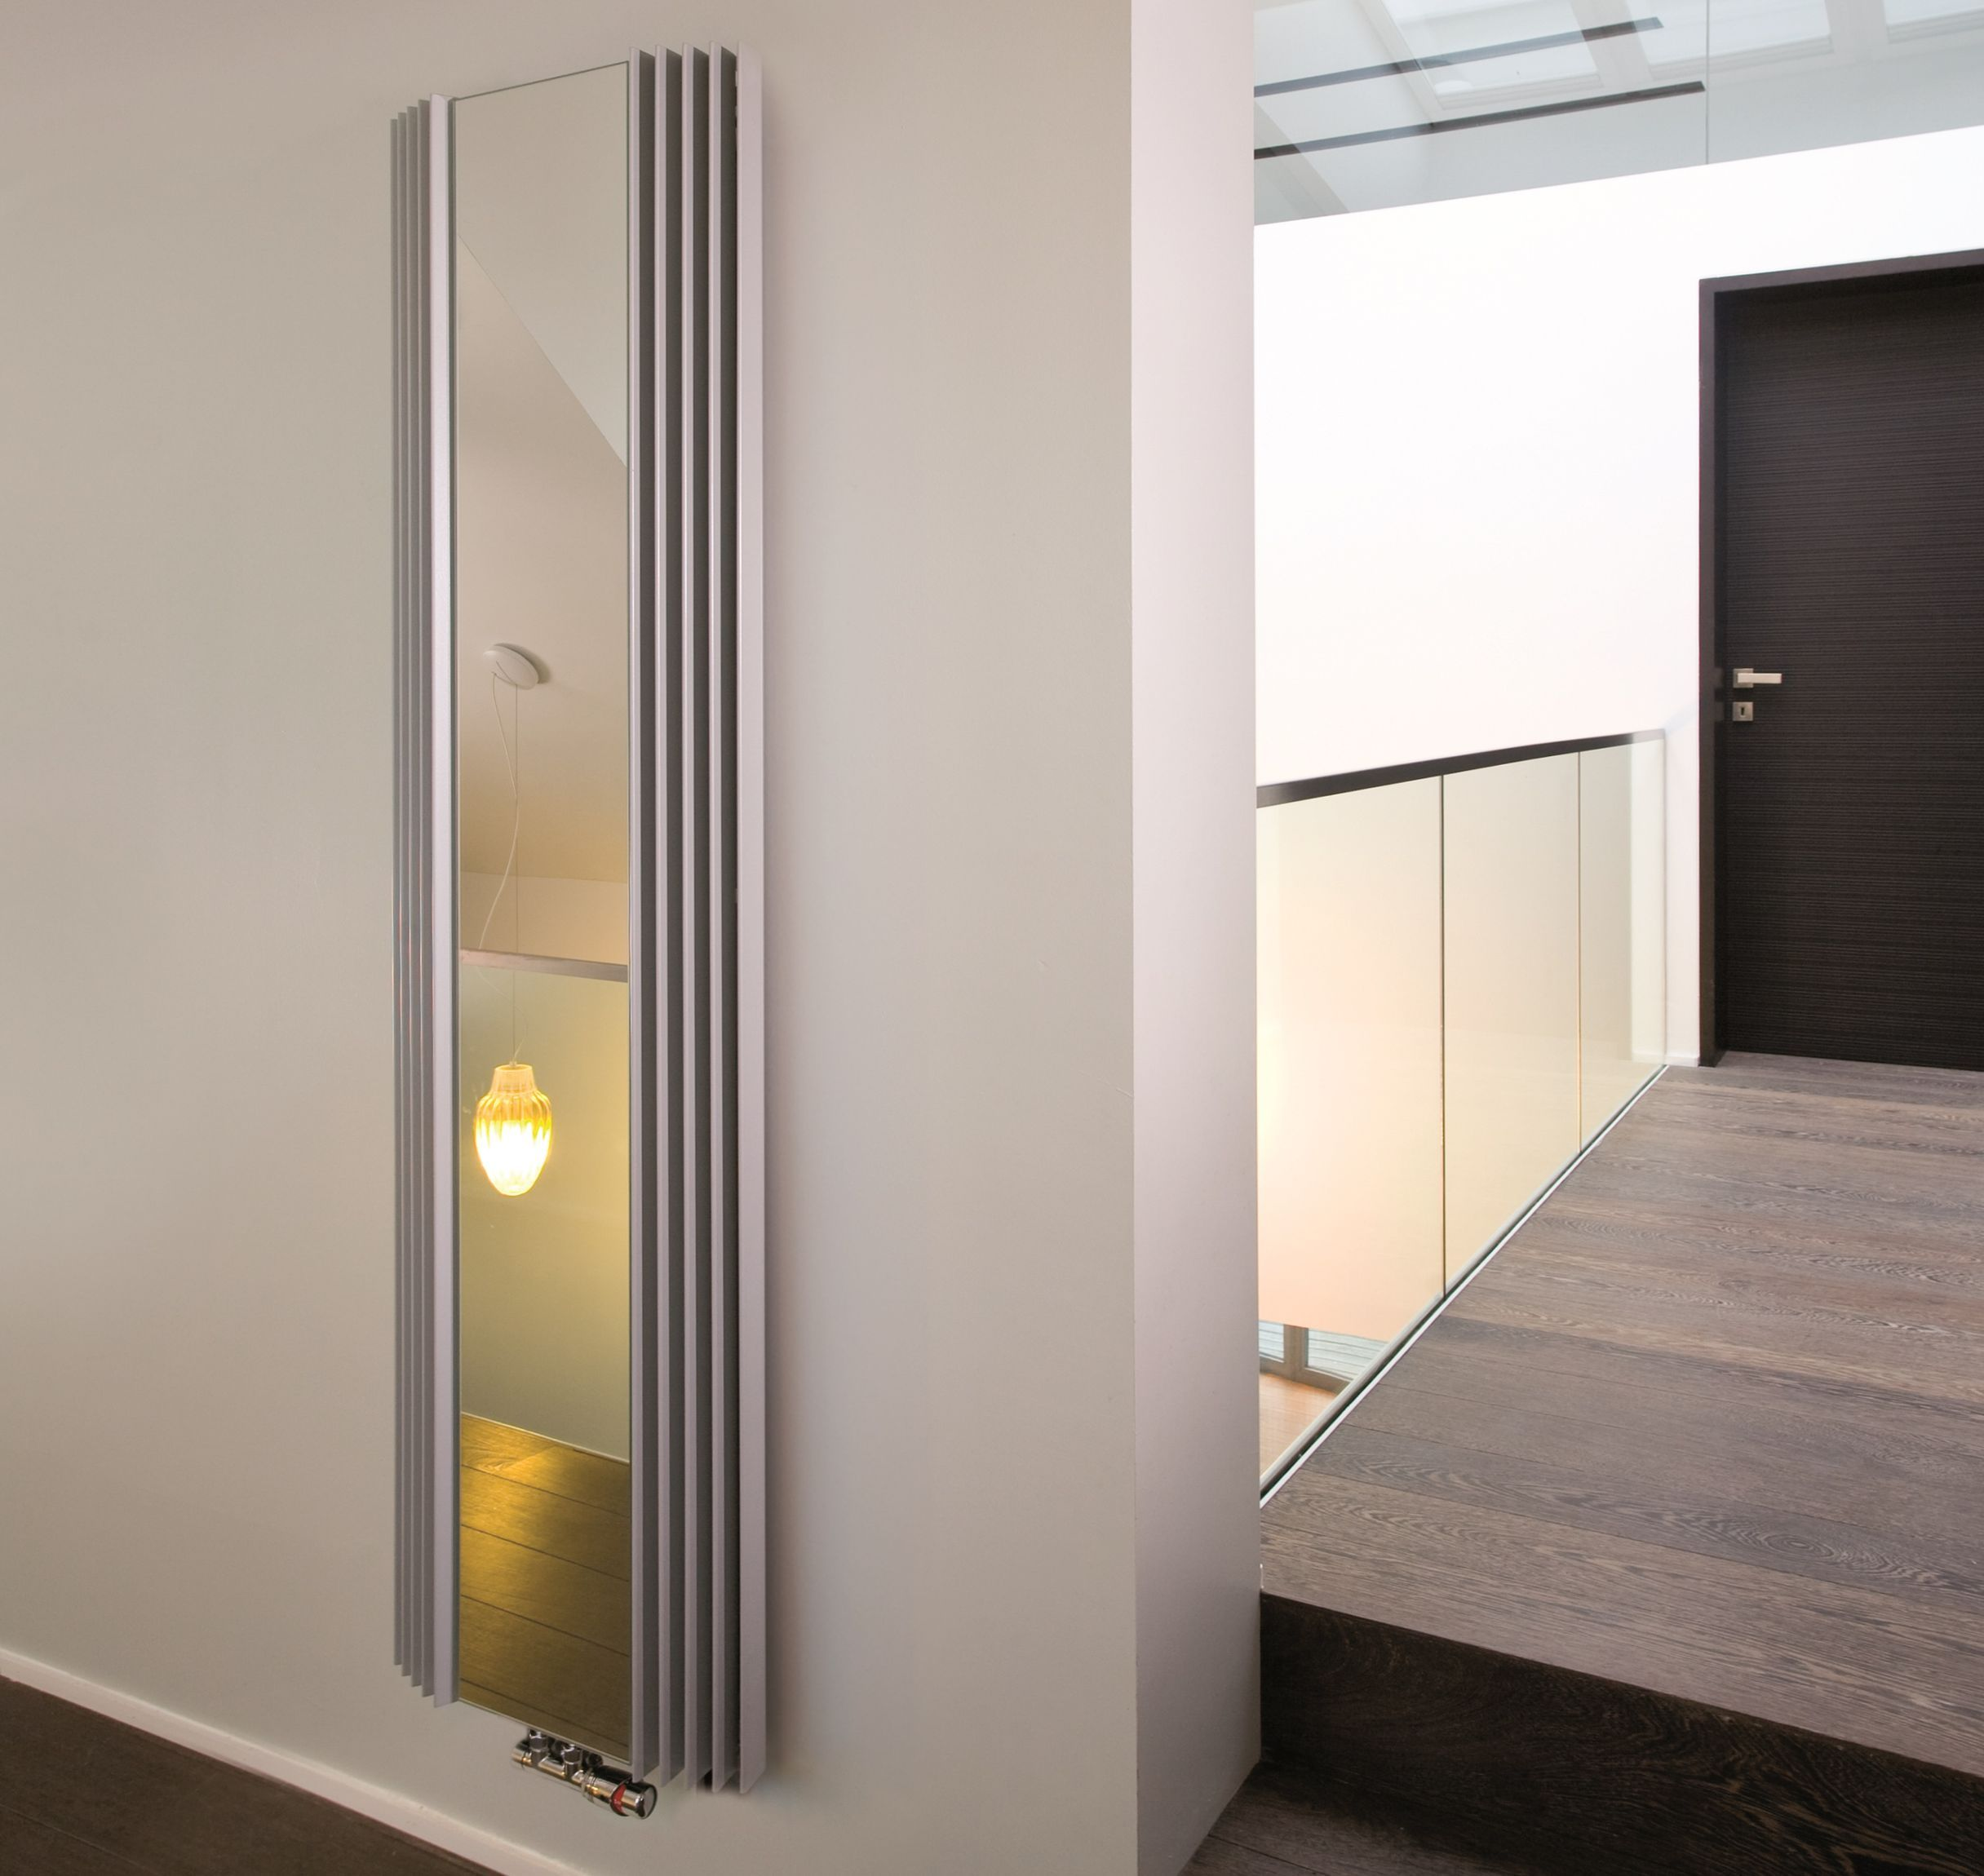 design heizkörper spiegel 220 x ab 51 cm ab 1042 watt in